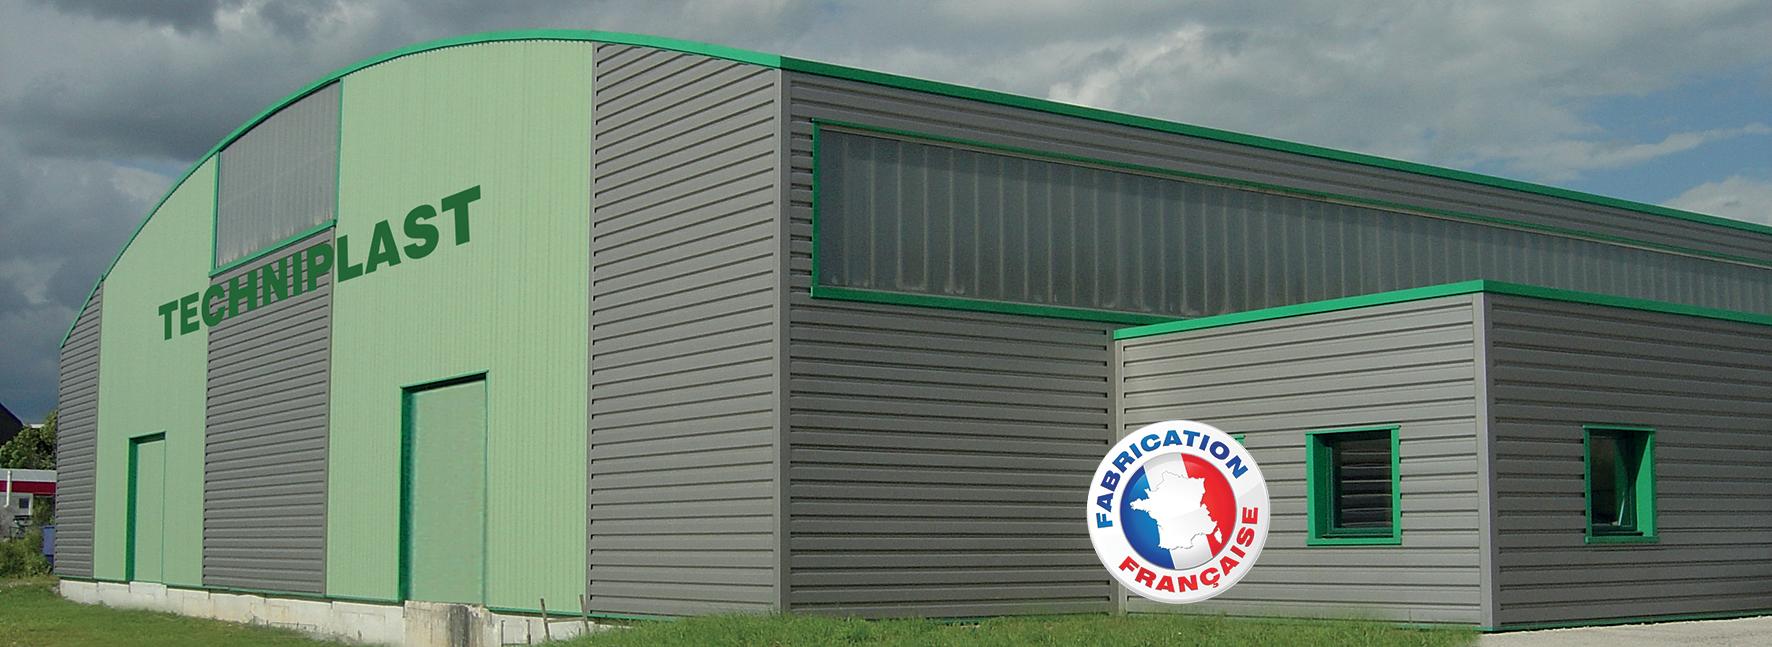 L'entreprise Grigi - Techniplast à Clairvaux-les-Lacs (Jura)